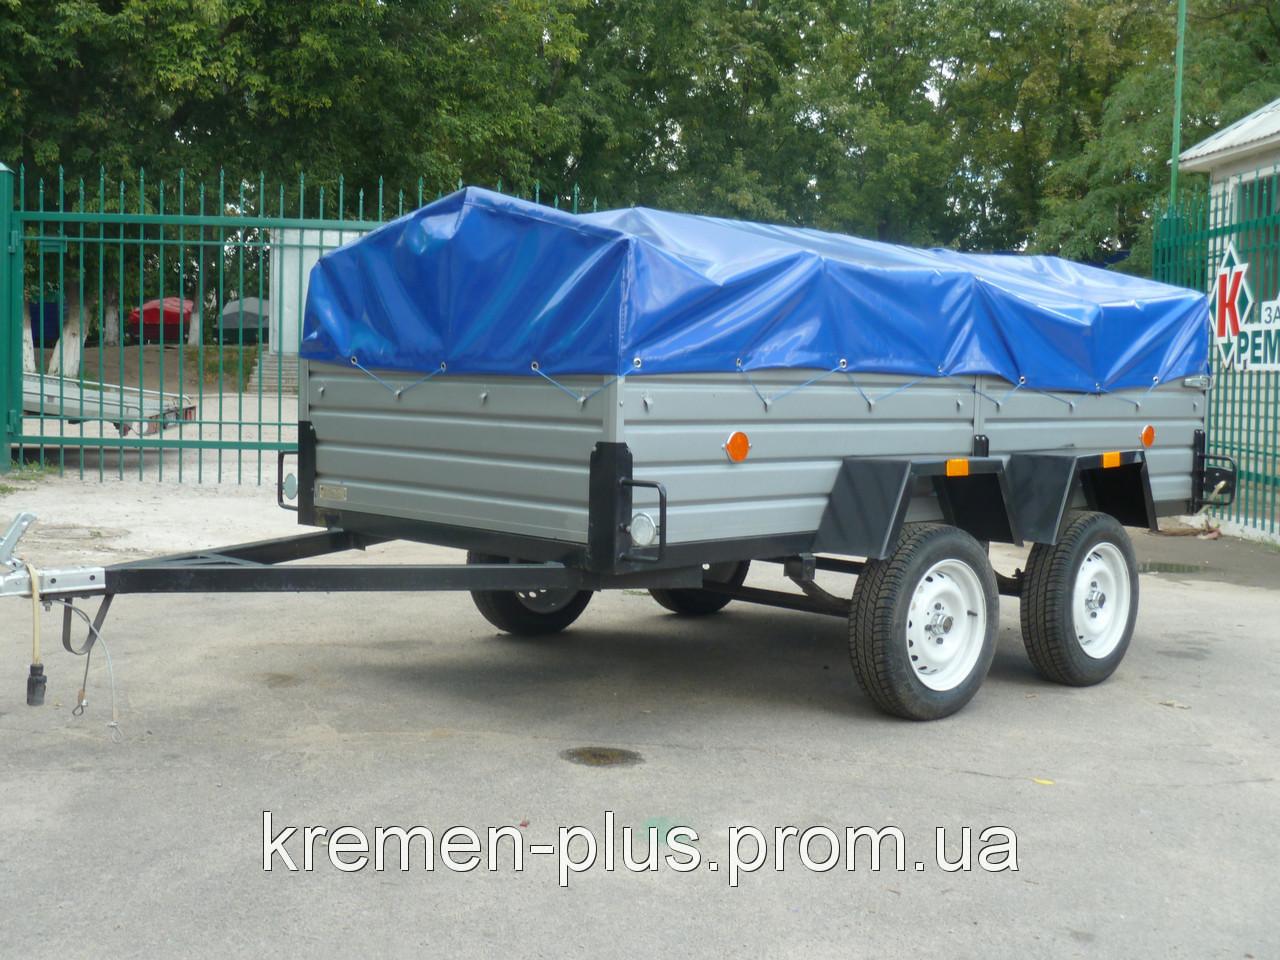 Продам легковой прицеп в Кировограде, фото 1